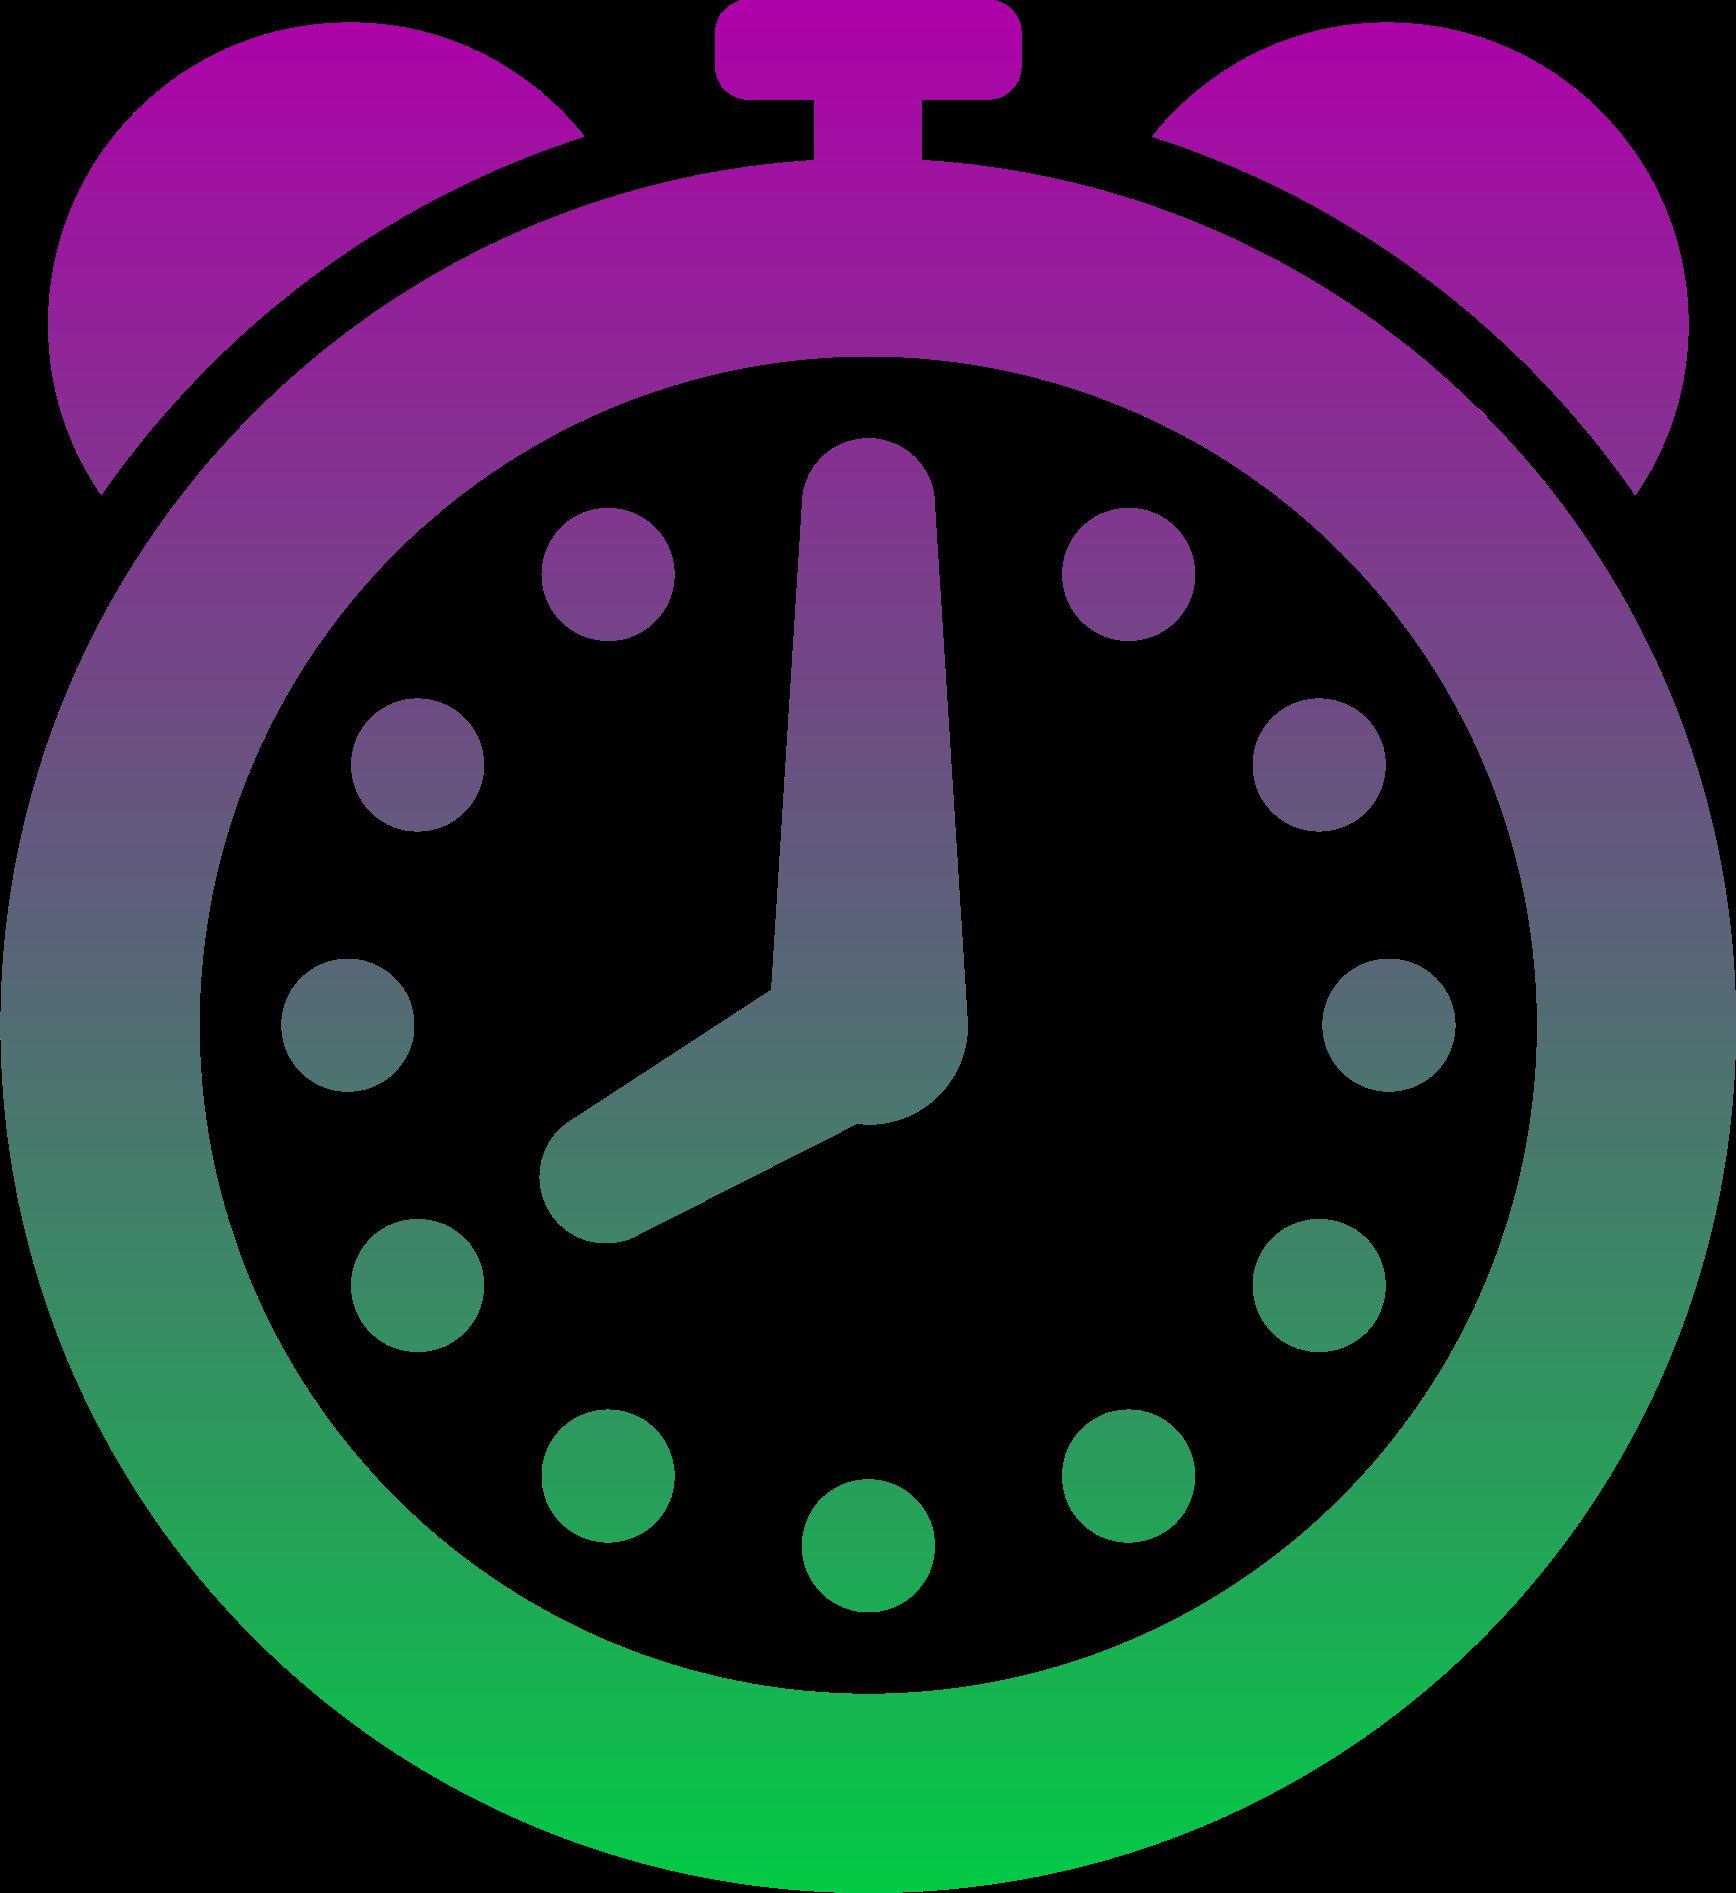 clocks clipart colored